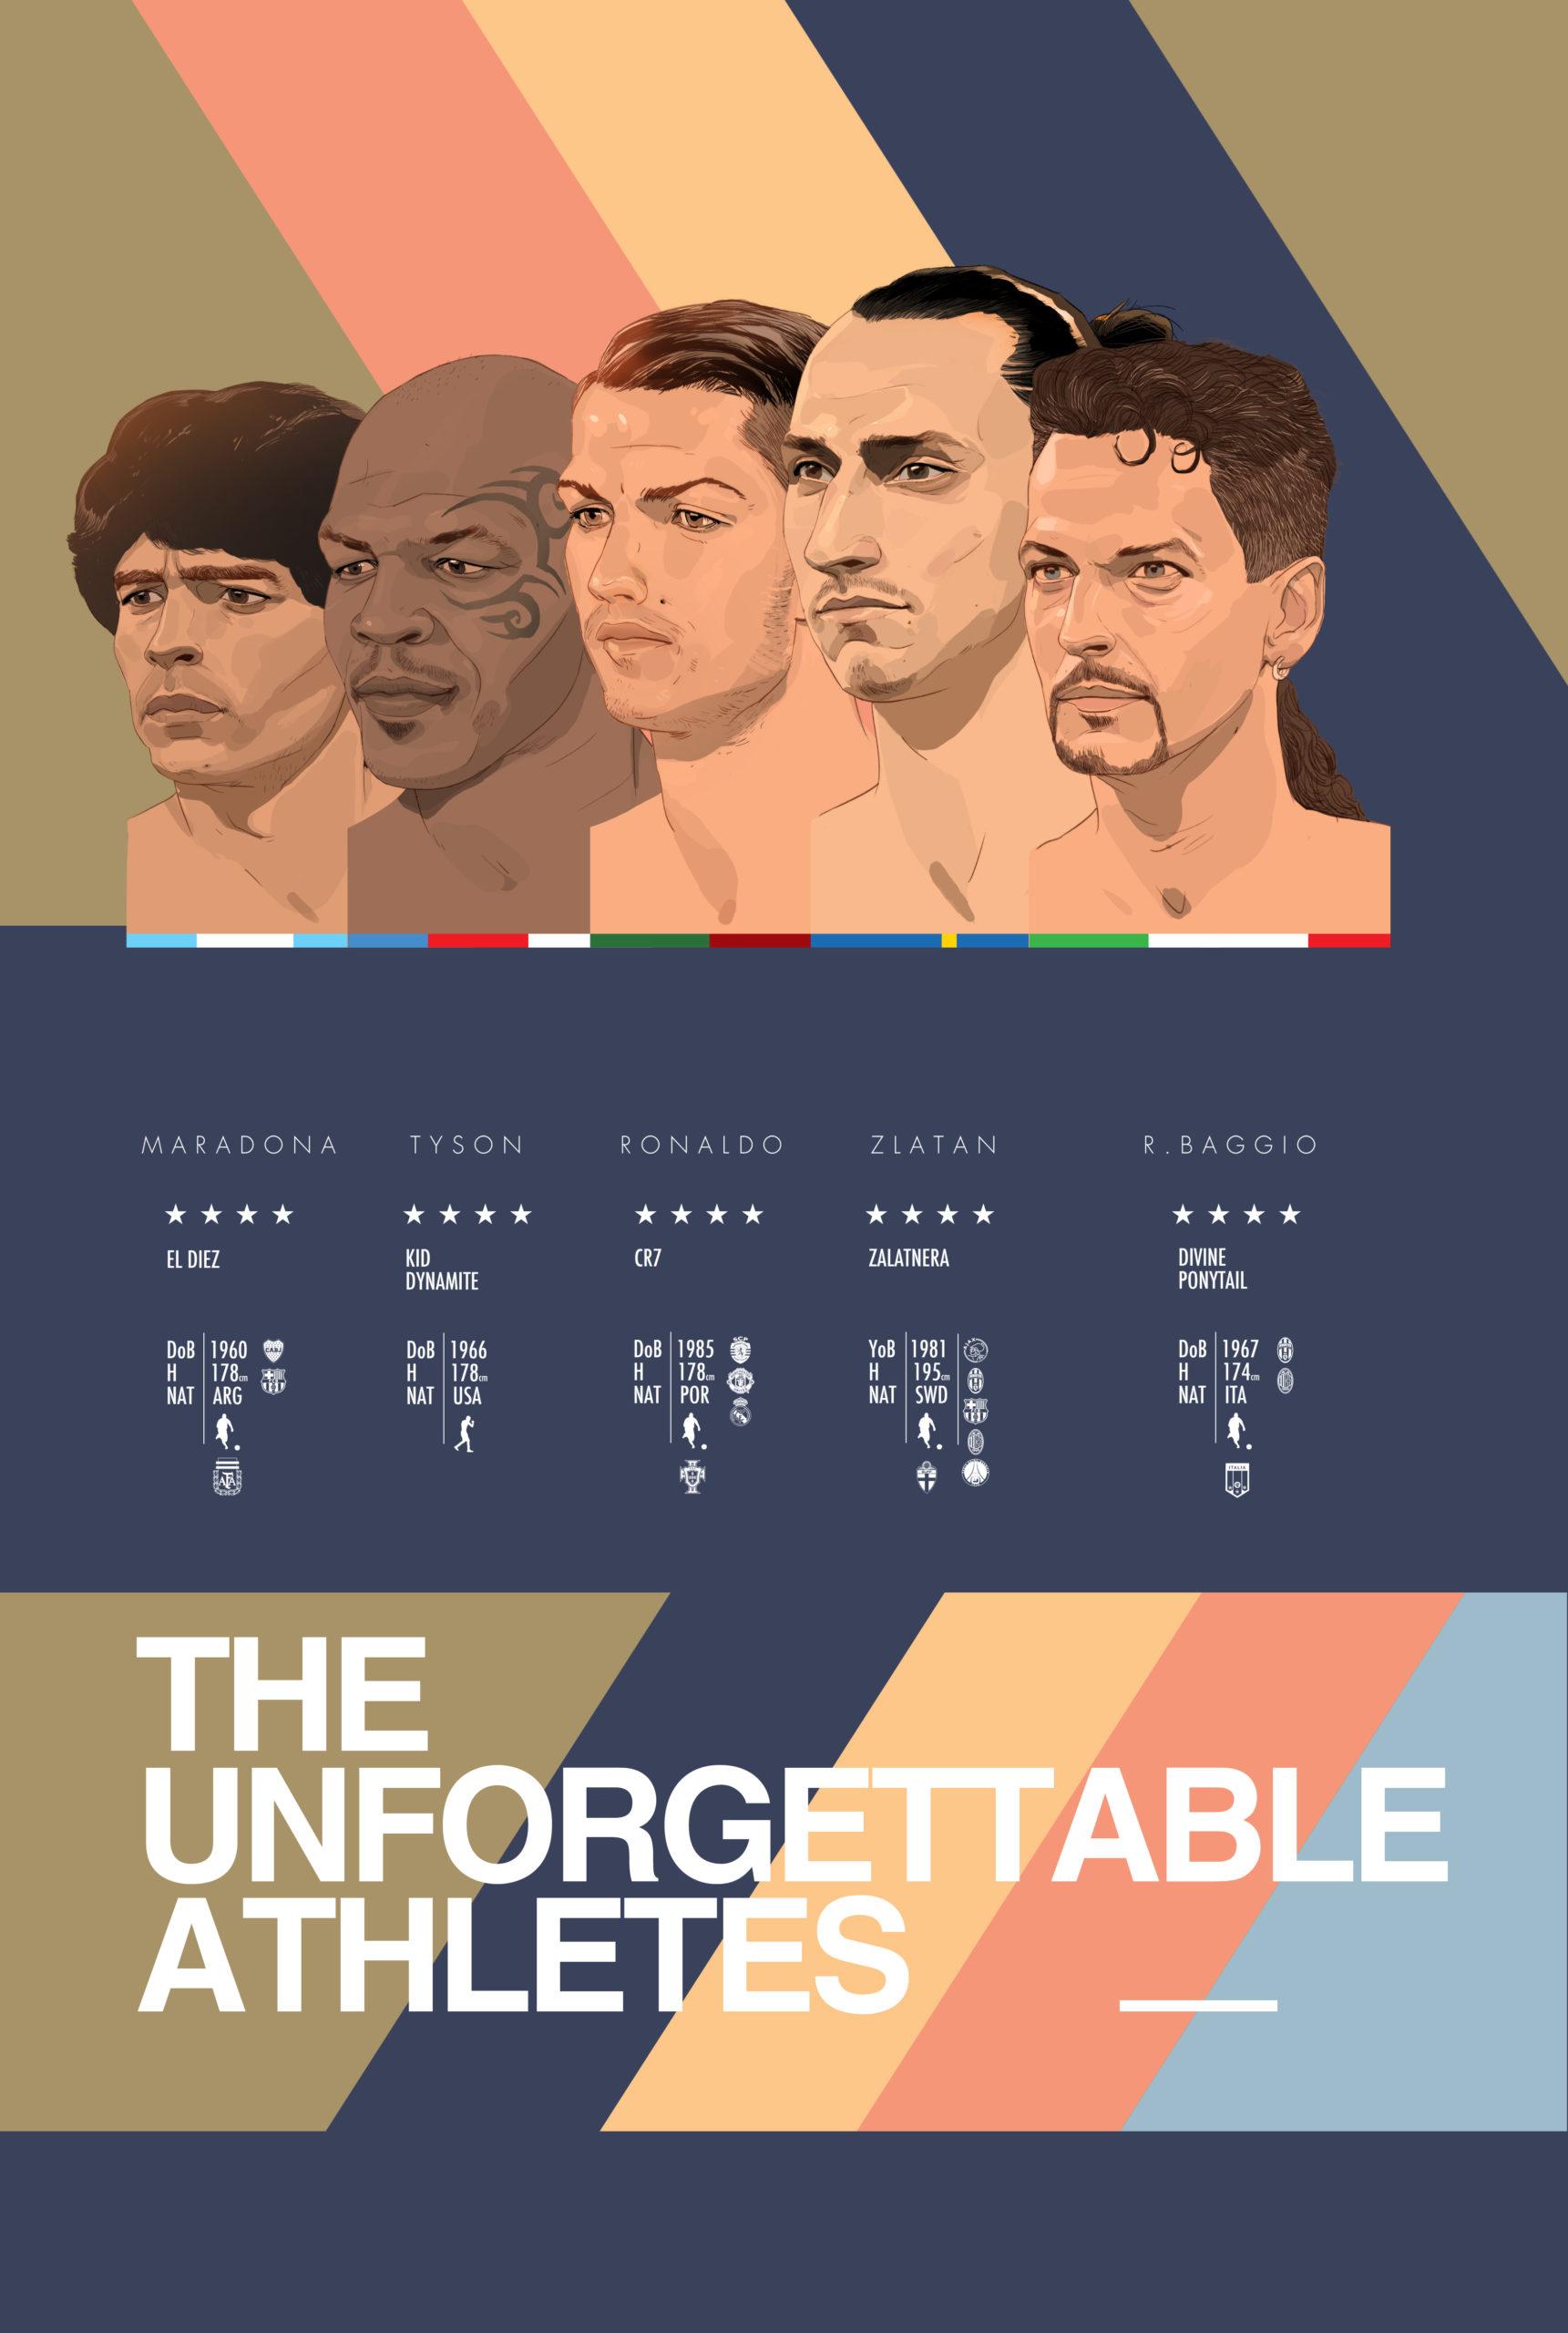 Unforgettable athletes